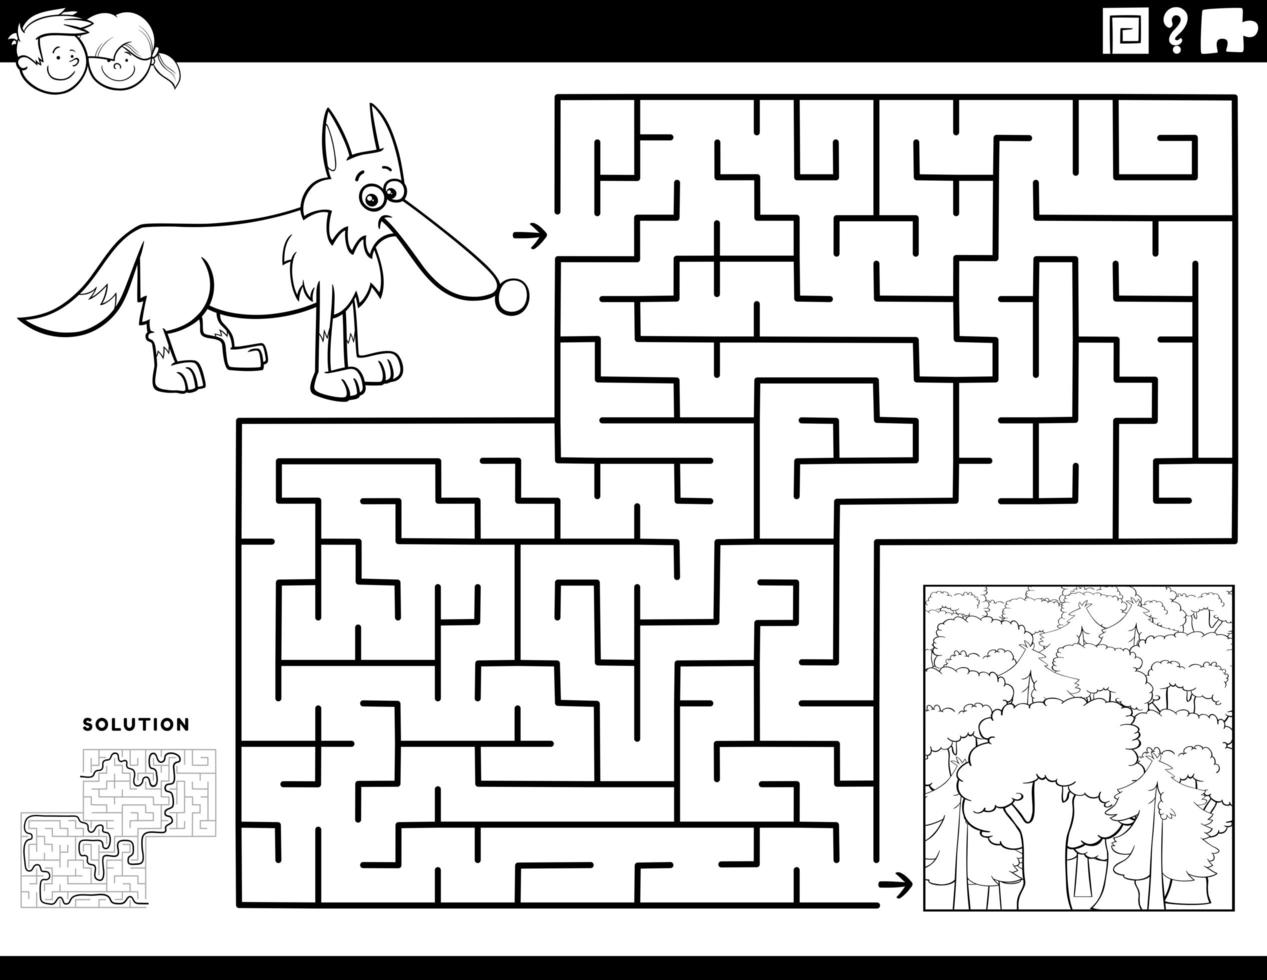 juego de laberinto con lobo y bosque. vector